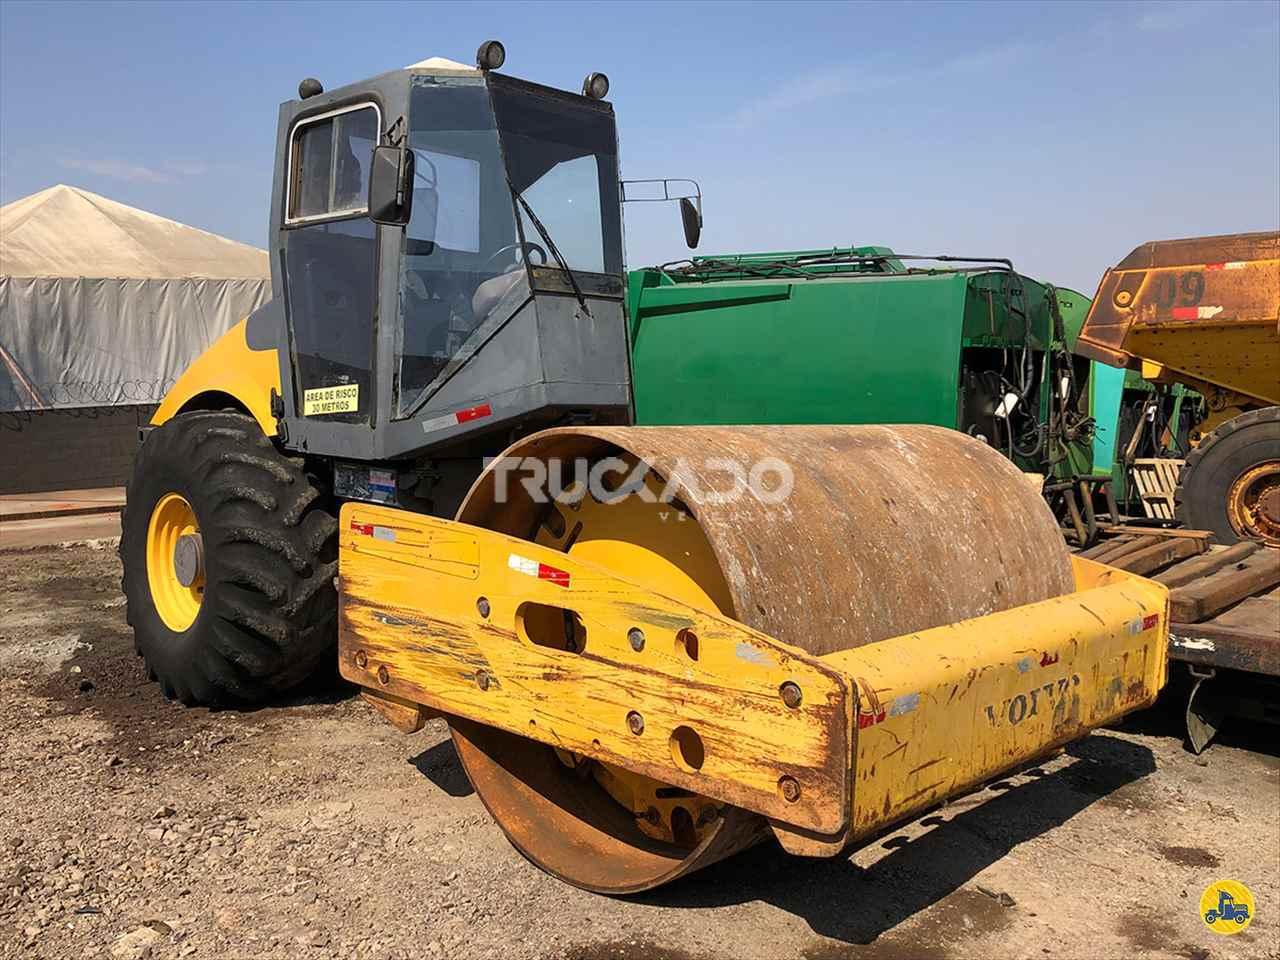 ROLO COMPACTADOR VOLVO SD105F Truckado Veículos SINOP MATO GROSSO MT